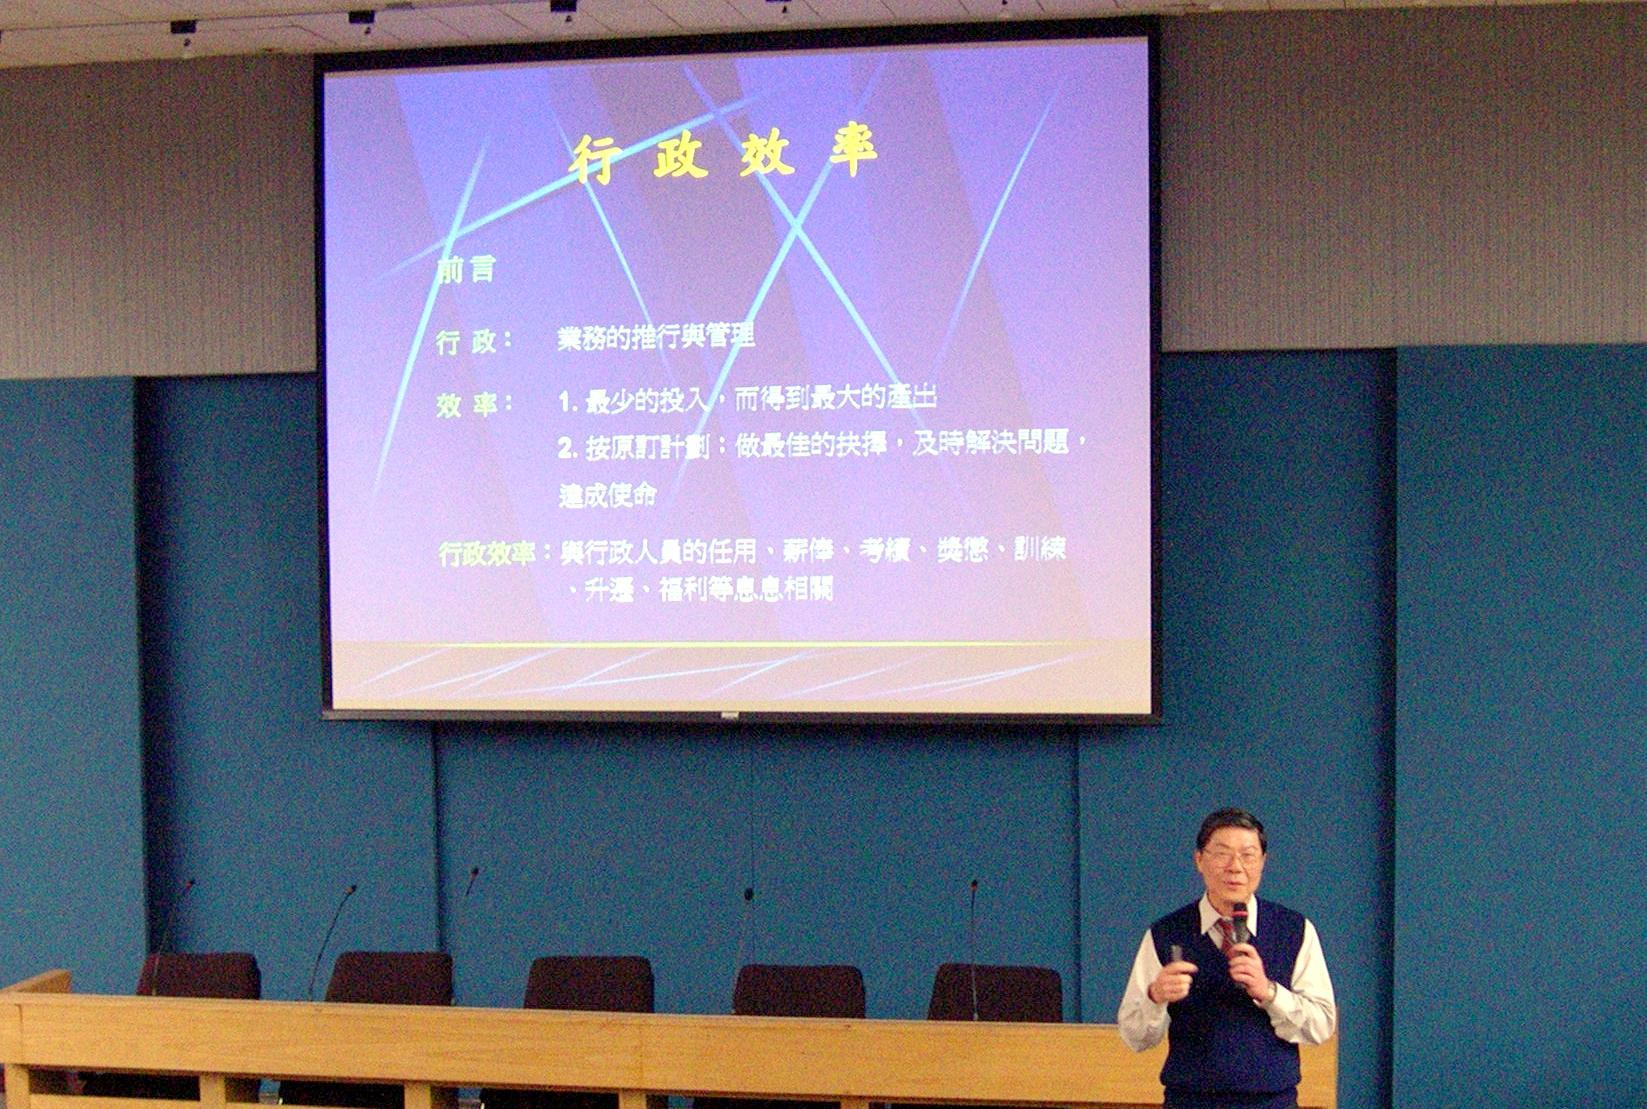 江彰吉館長、江捷如老師父女檔 - 談「行政效率與時間管理」